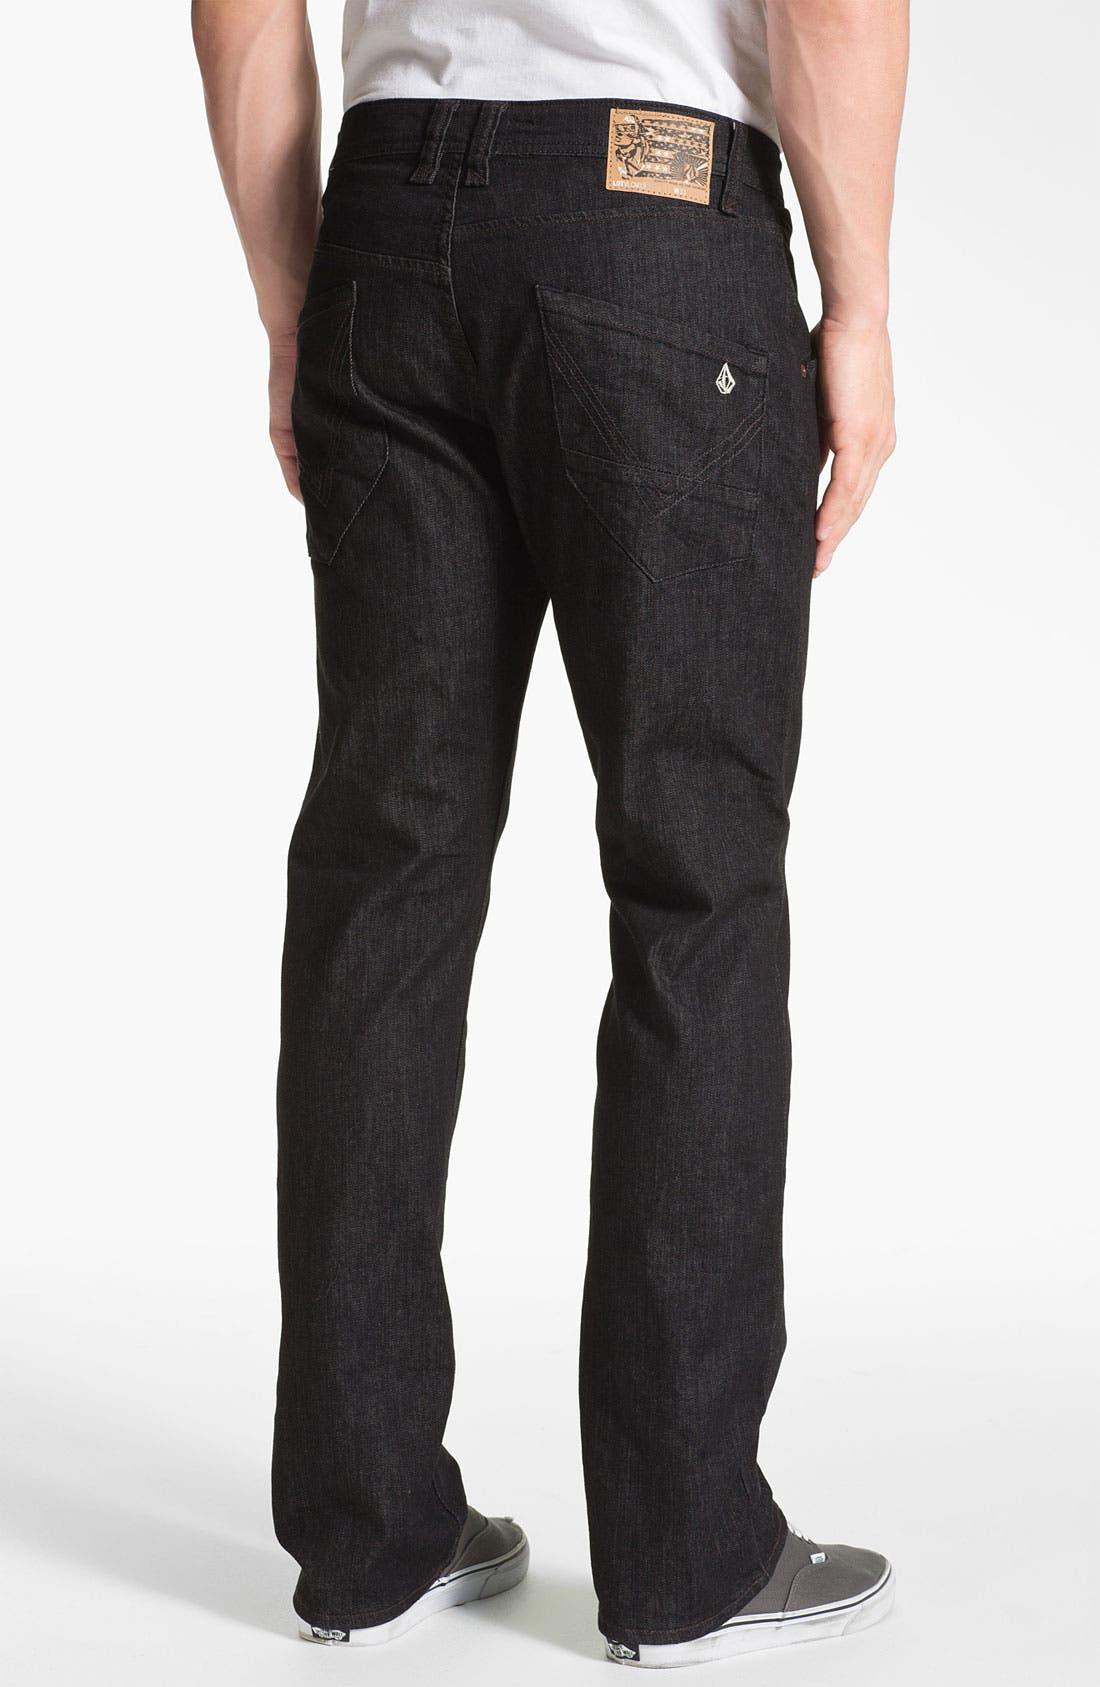 Alternate Image 1 Selected - Volcom 'Nova' Slim Straight Leg Jeans (Black Rinse) (Online Only)